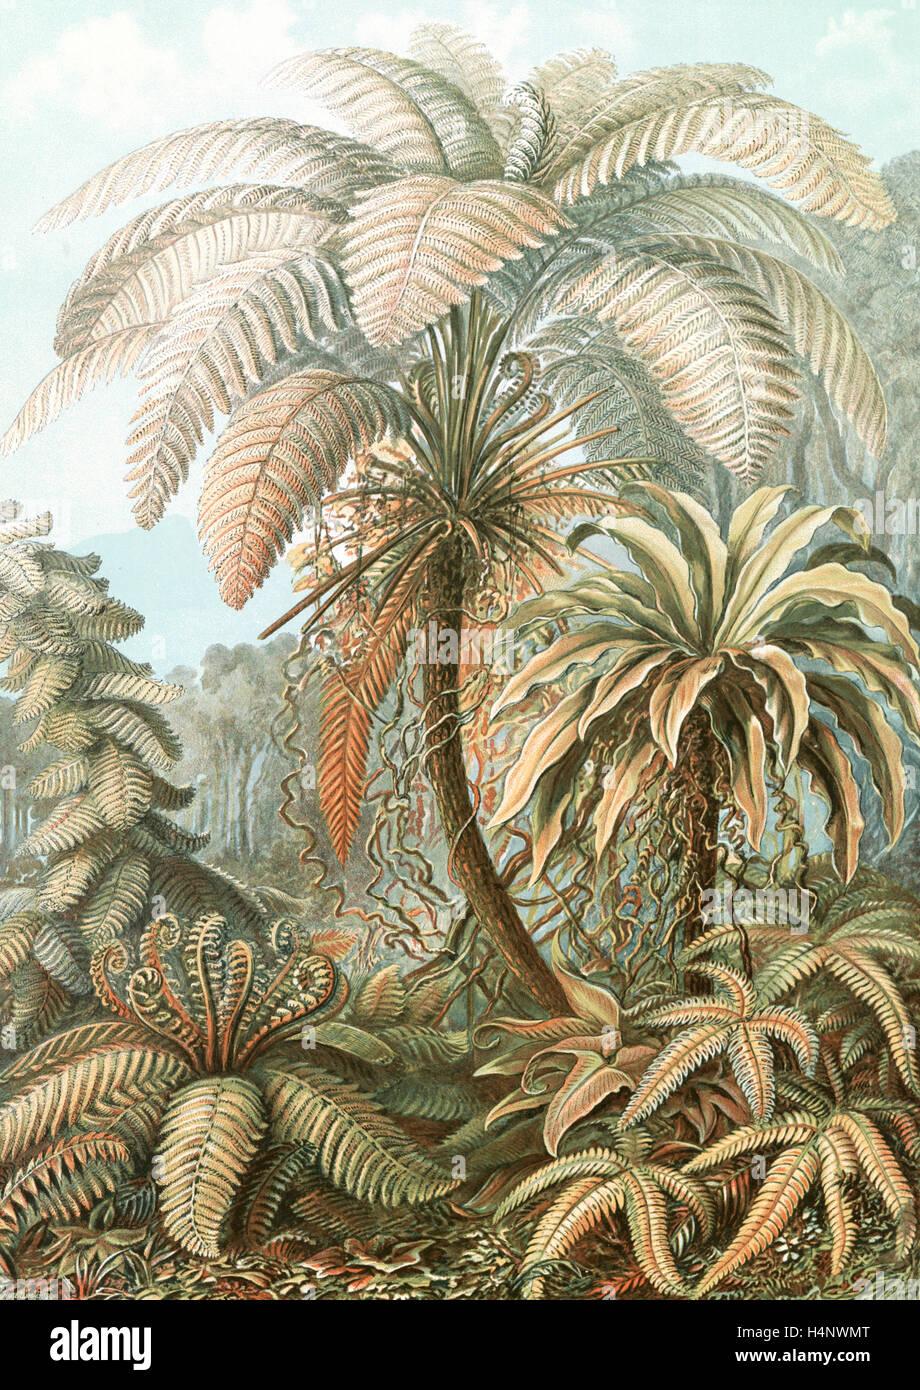 La ilustración muestra los helechos. Filicinae. - Laubfarne, 1 : color de impresión fotomecánica Imagen De Stock